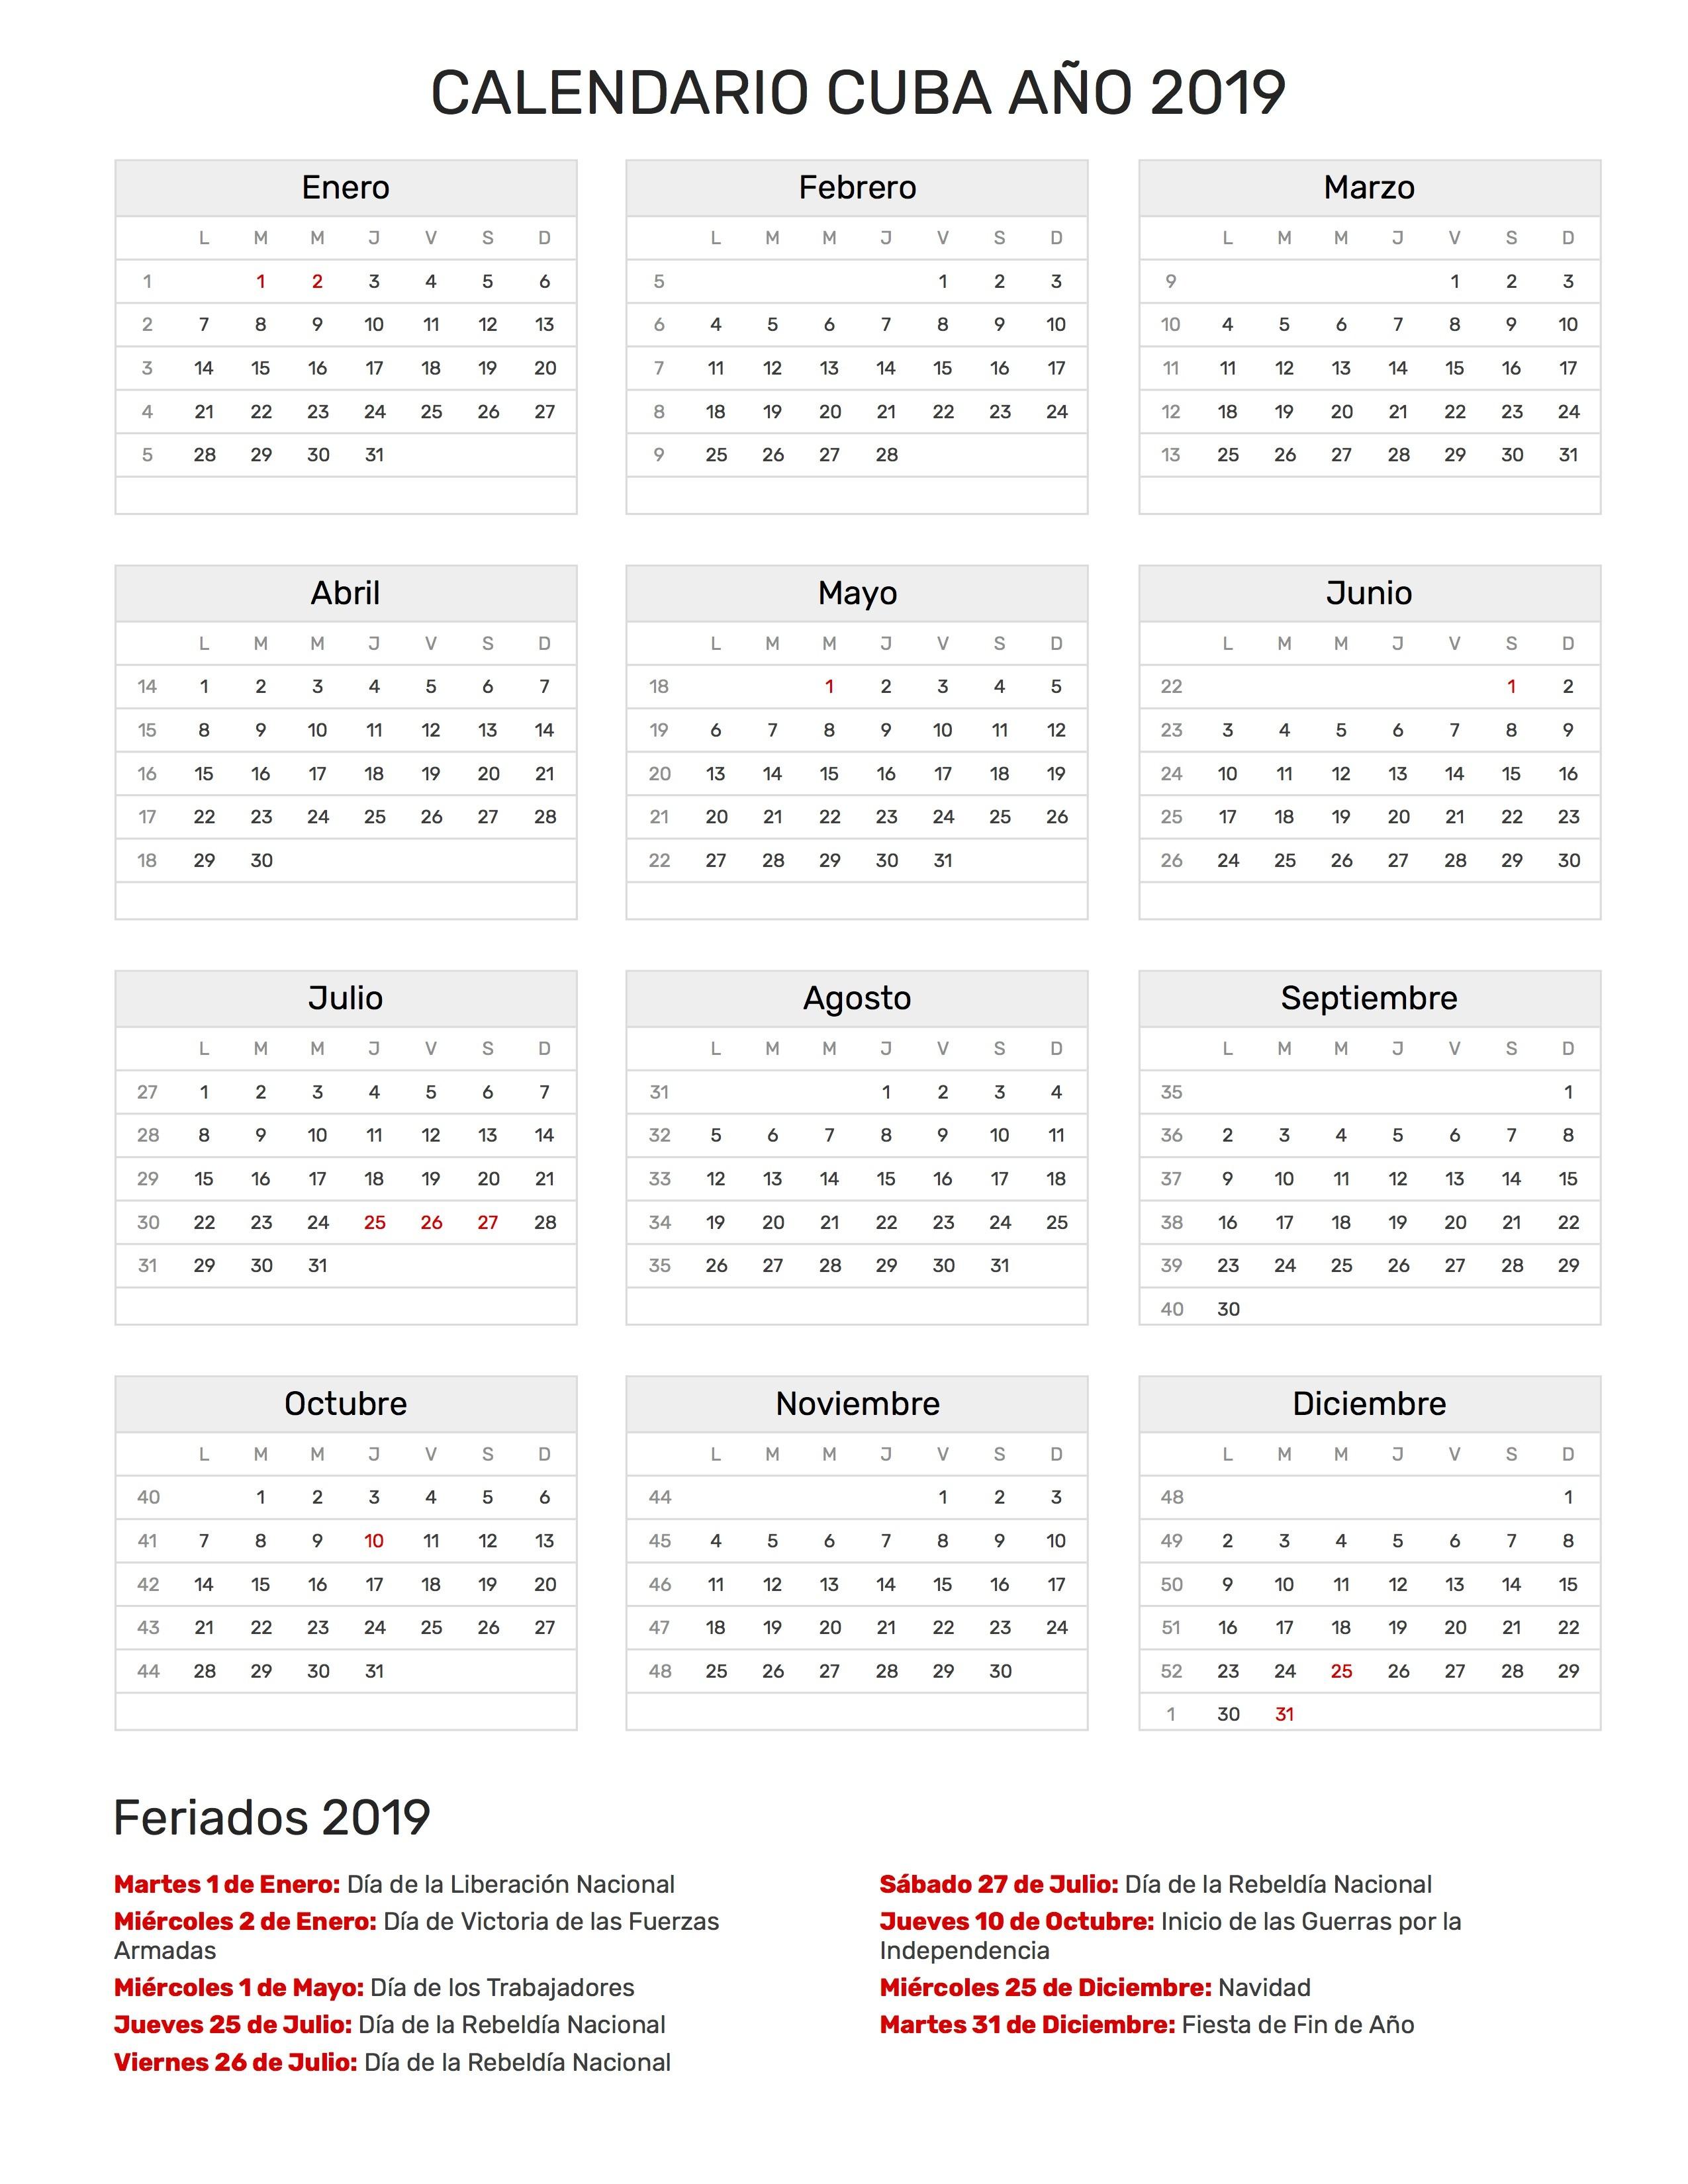 Calendario 2019 Chile Con Feriados Oficial Más Recientes Calendario Cuba A±o 2019